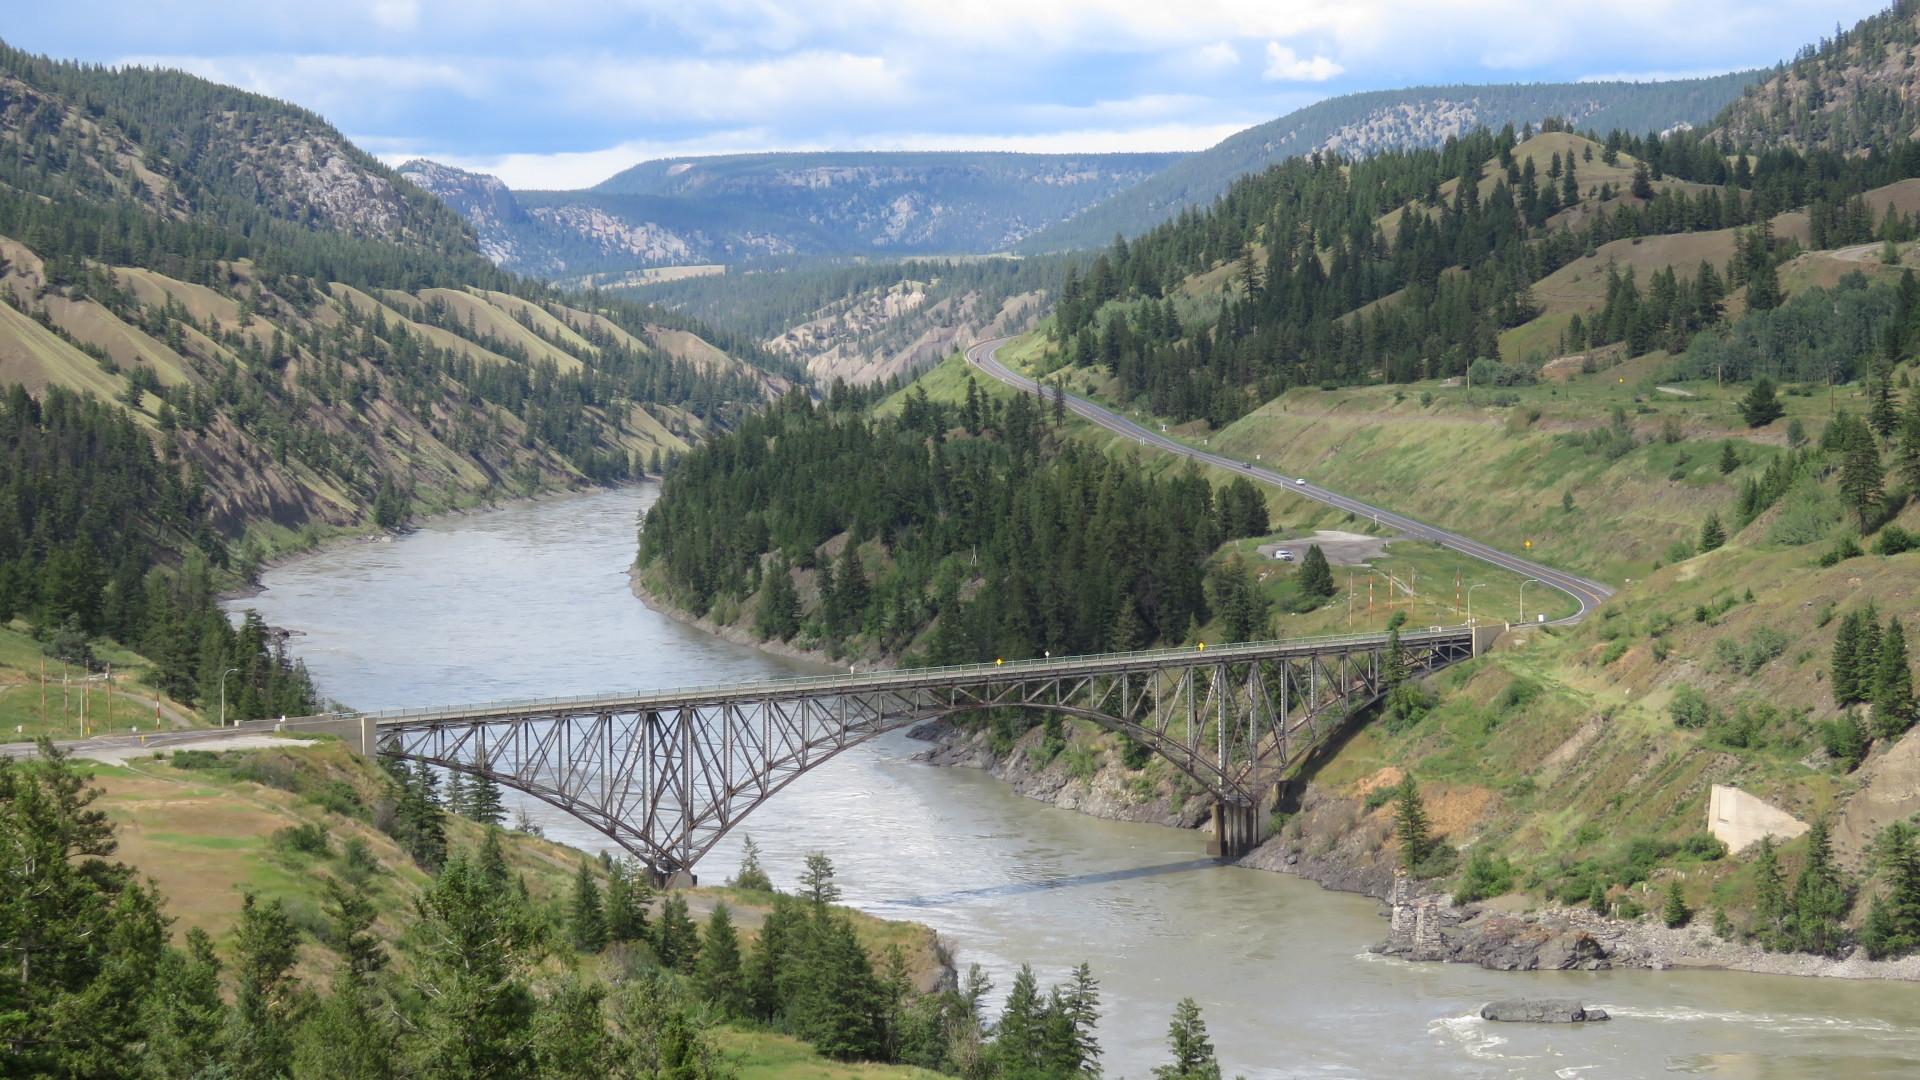 Bruecke ueber den Fraser River westlich von Williams Lake